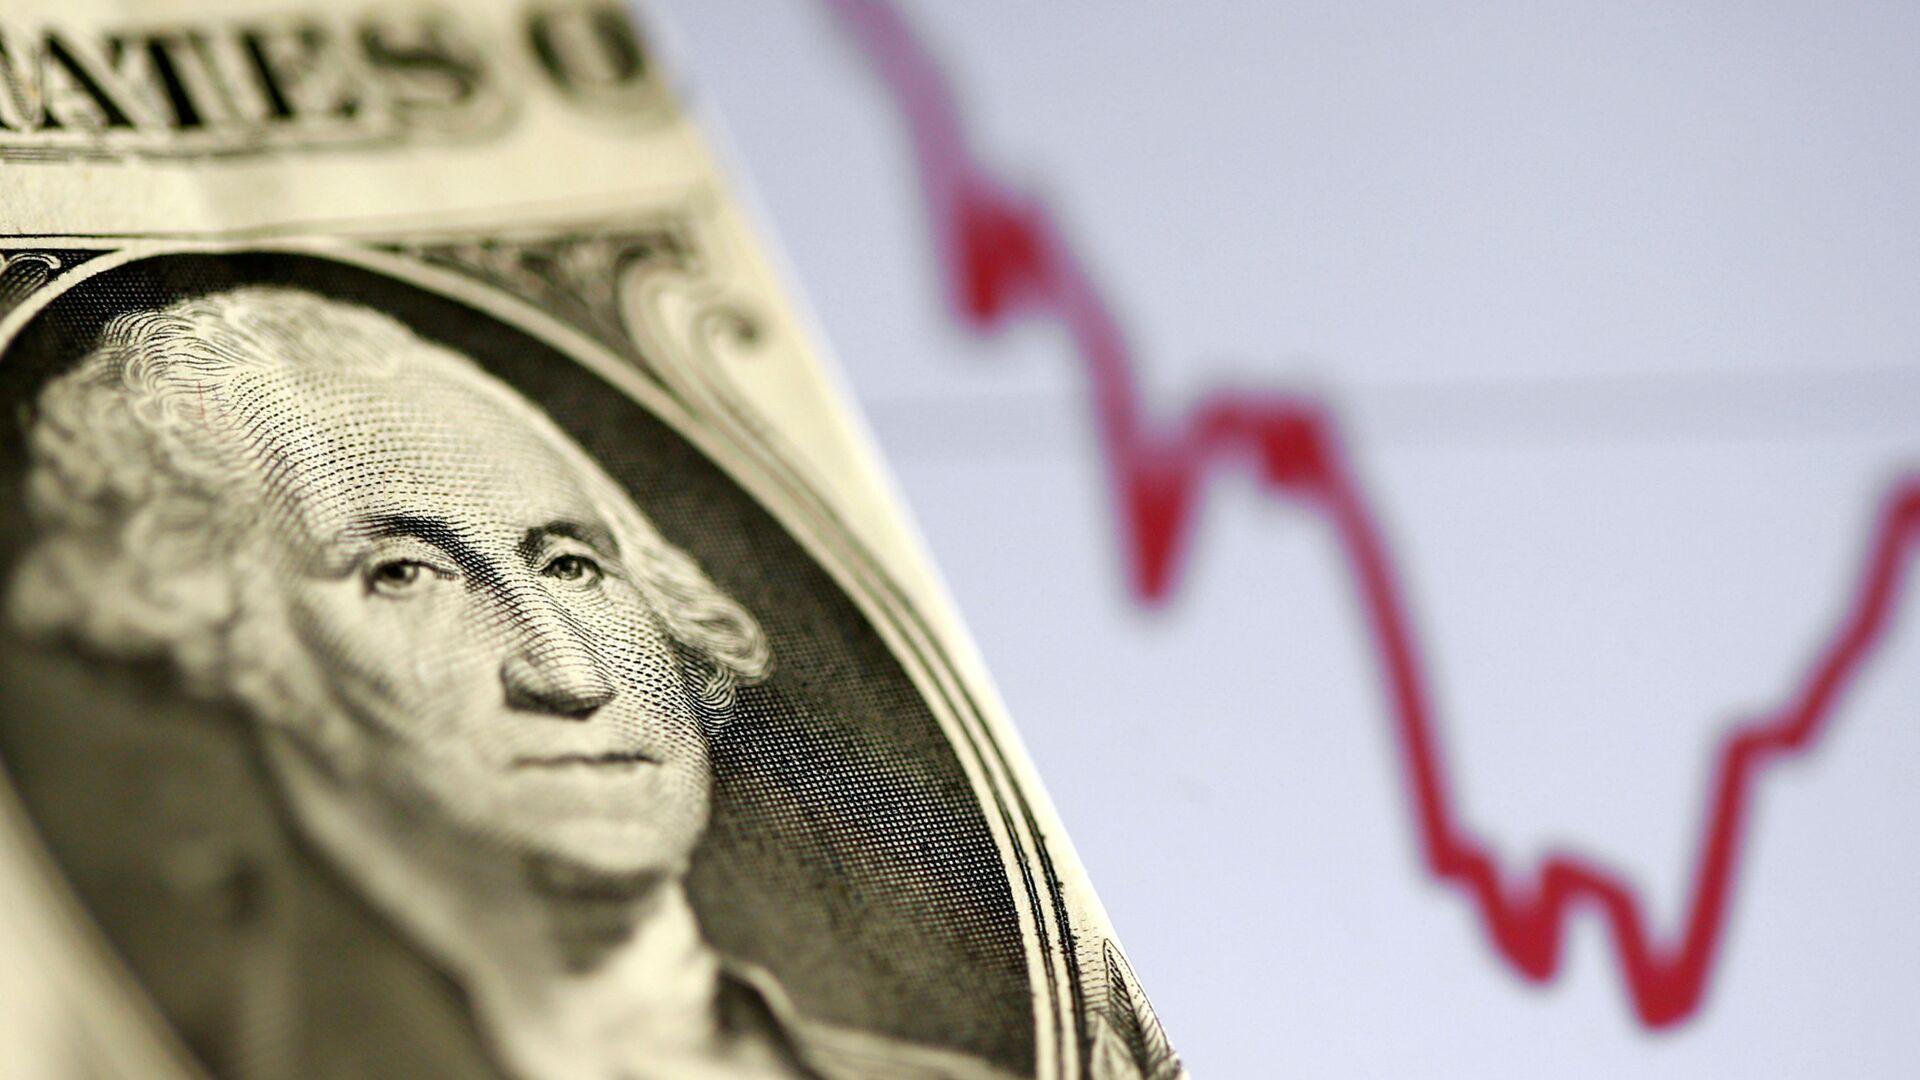 Hisse senedi grafiği - ABD doları - Dolar - Sputnik Türkiye, 1920, 16.04.2021